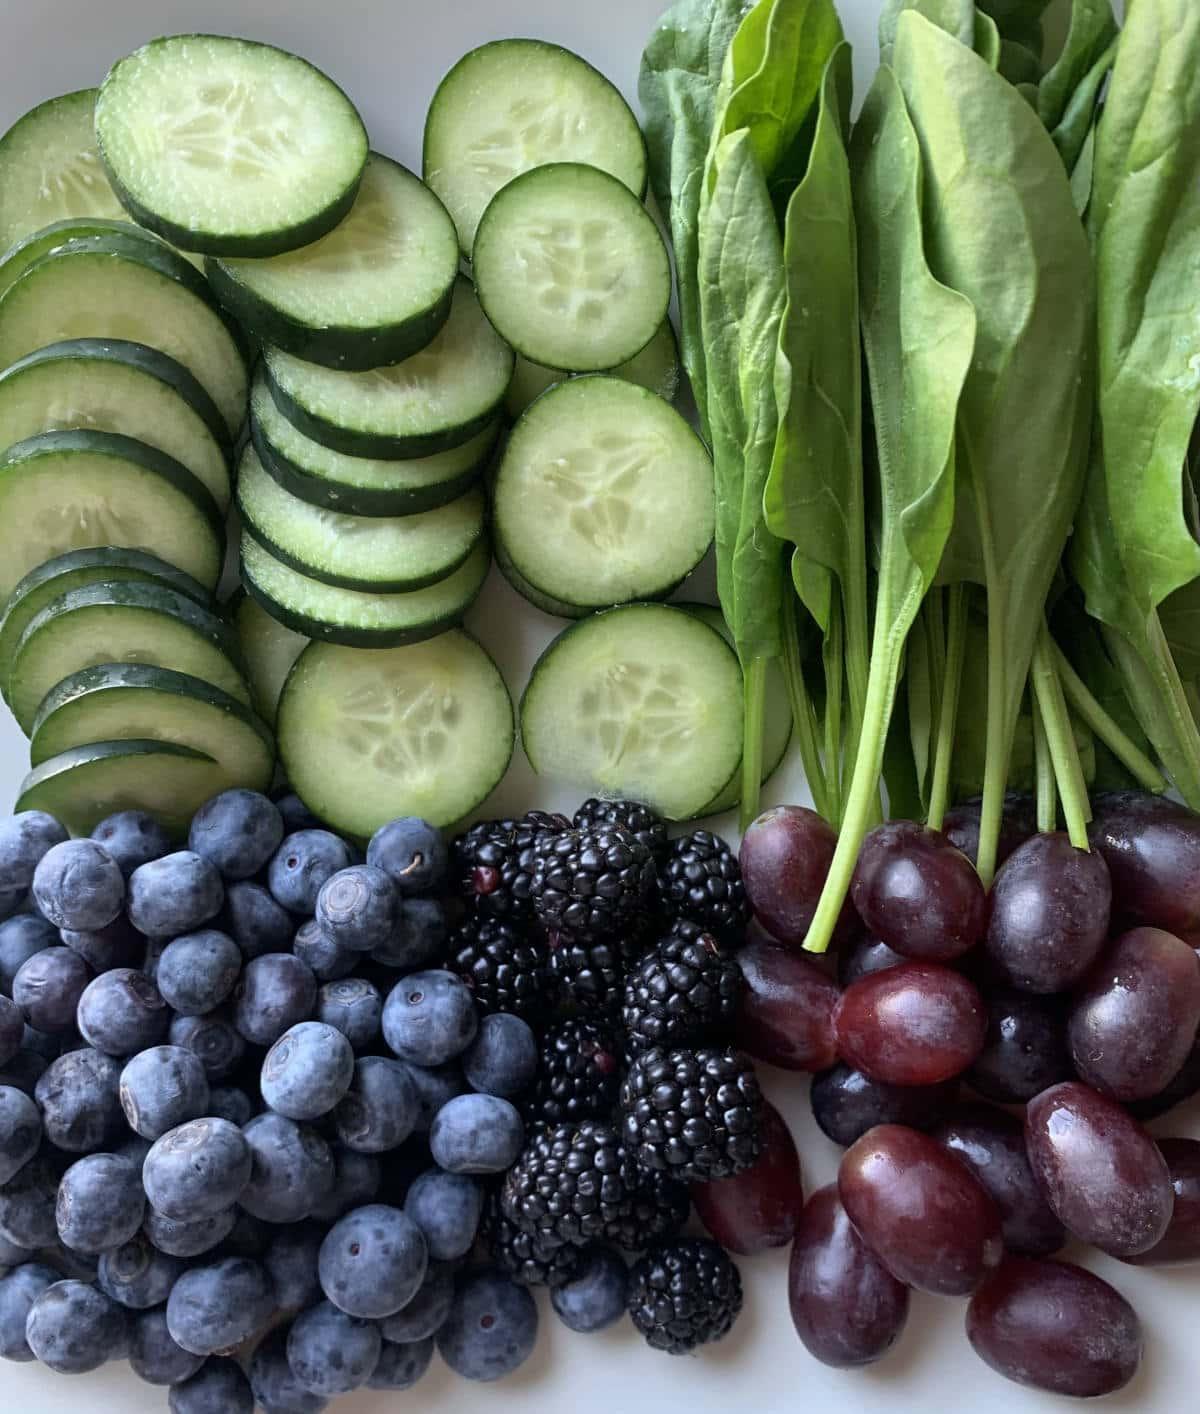 cucumbers, blueberries, blackberries, grapes, kale